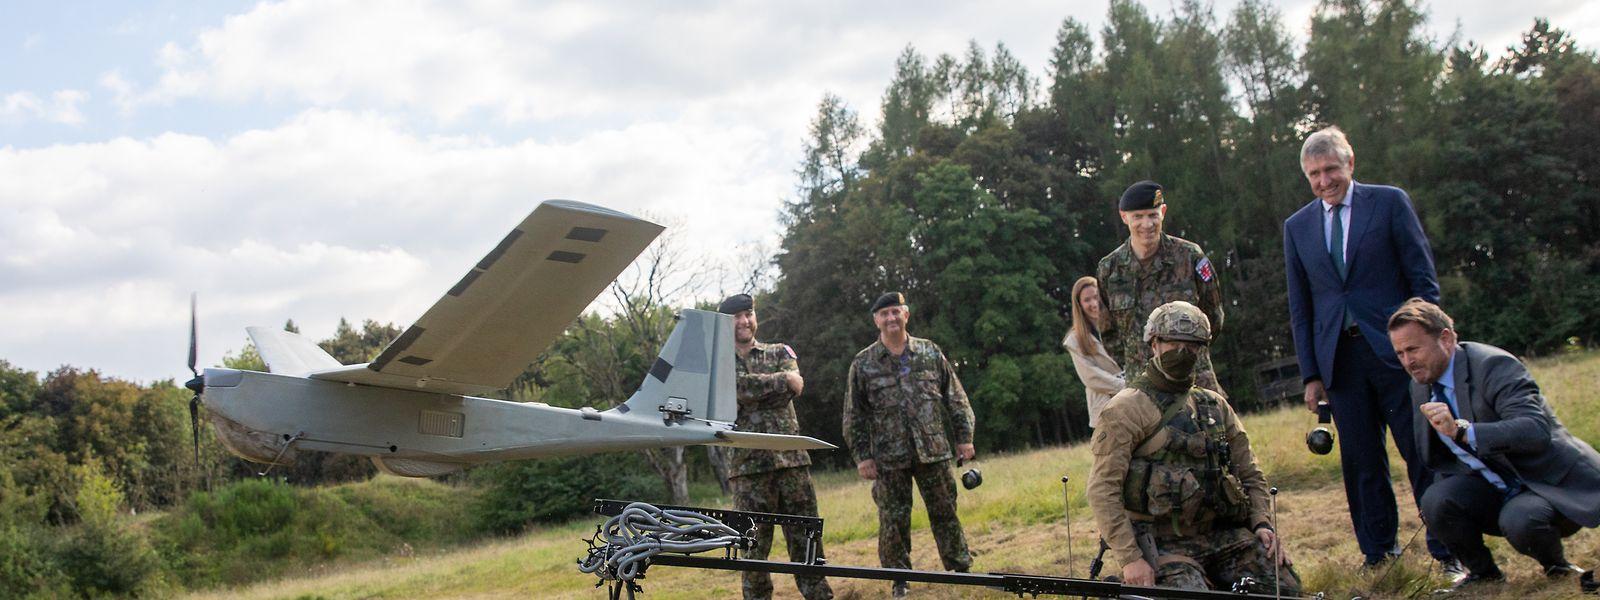 Premier Xavier Bettel beim Start einer Drohne, wie die luxemburgische Armee sie derzeit während ihrer Malimission einsetzt.